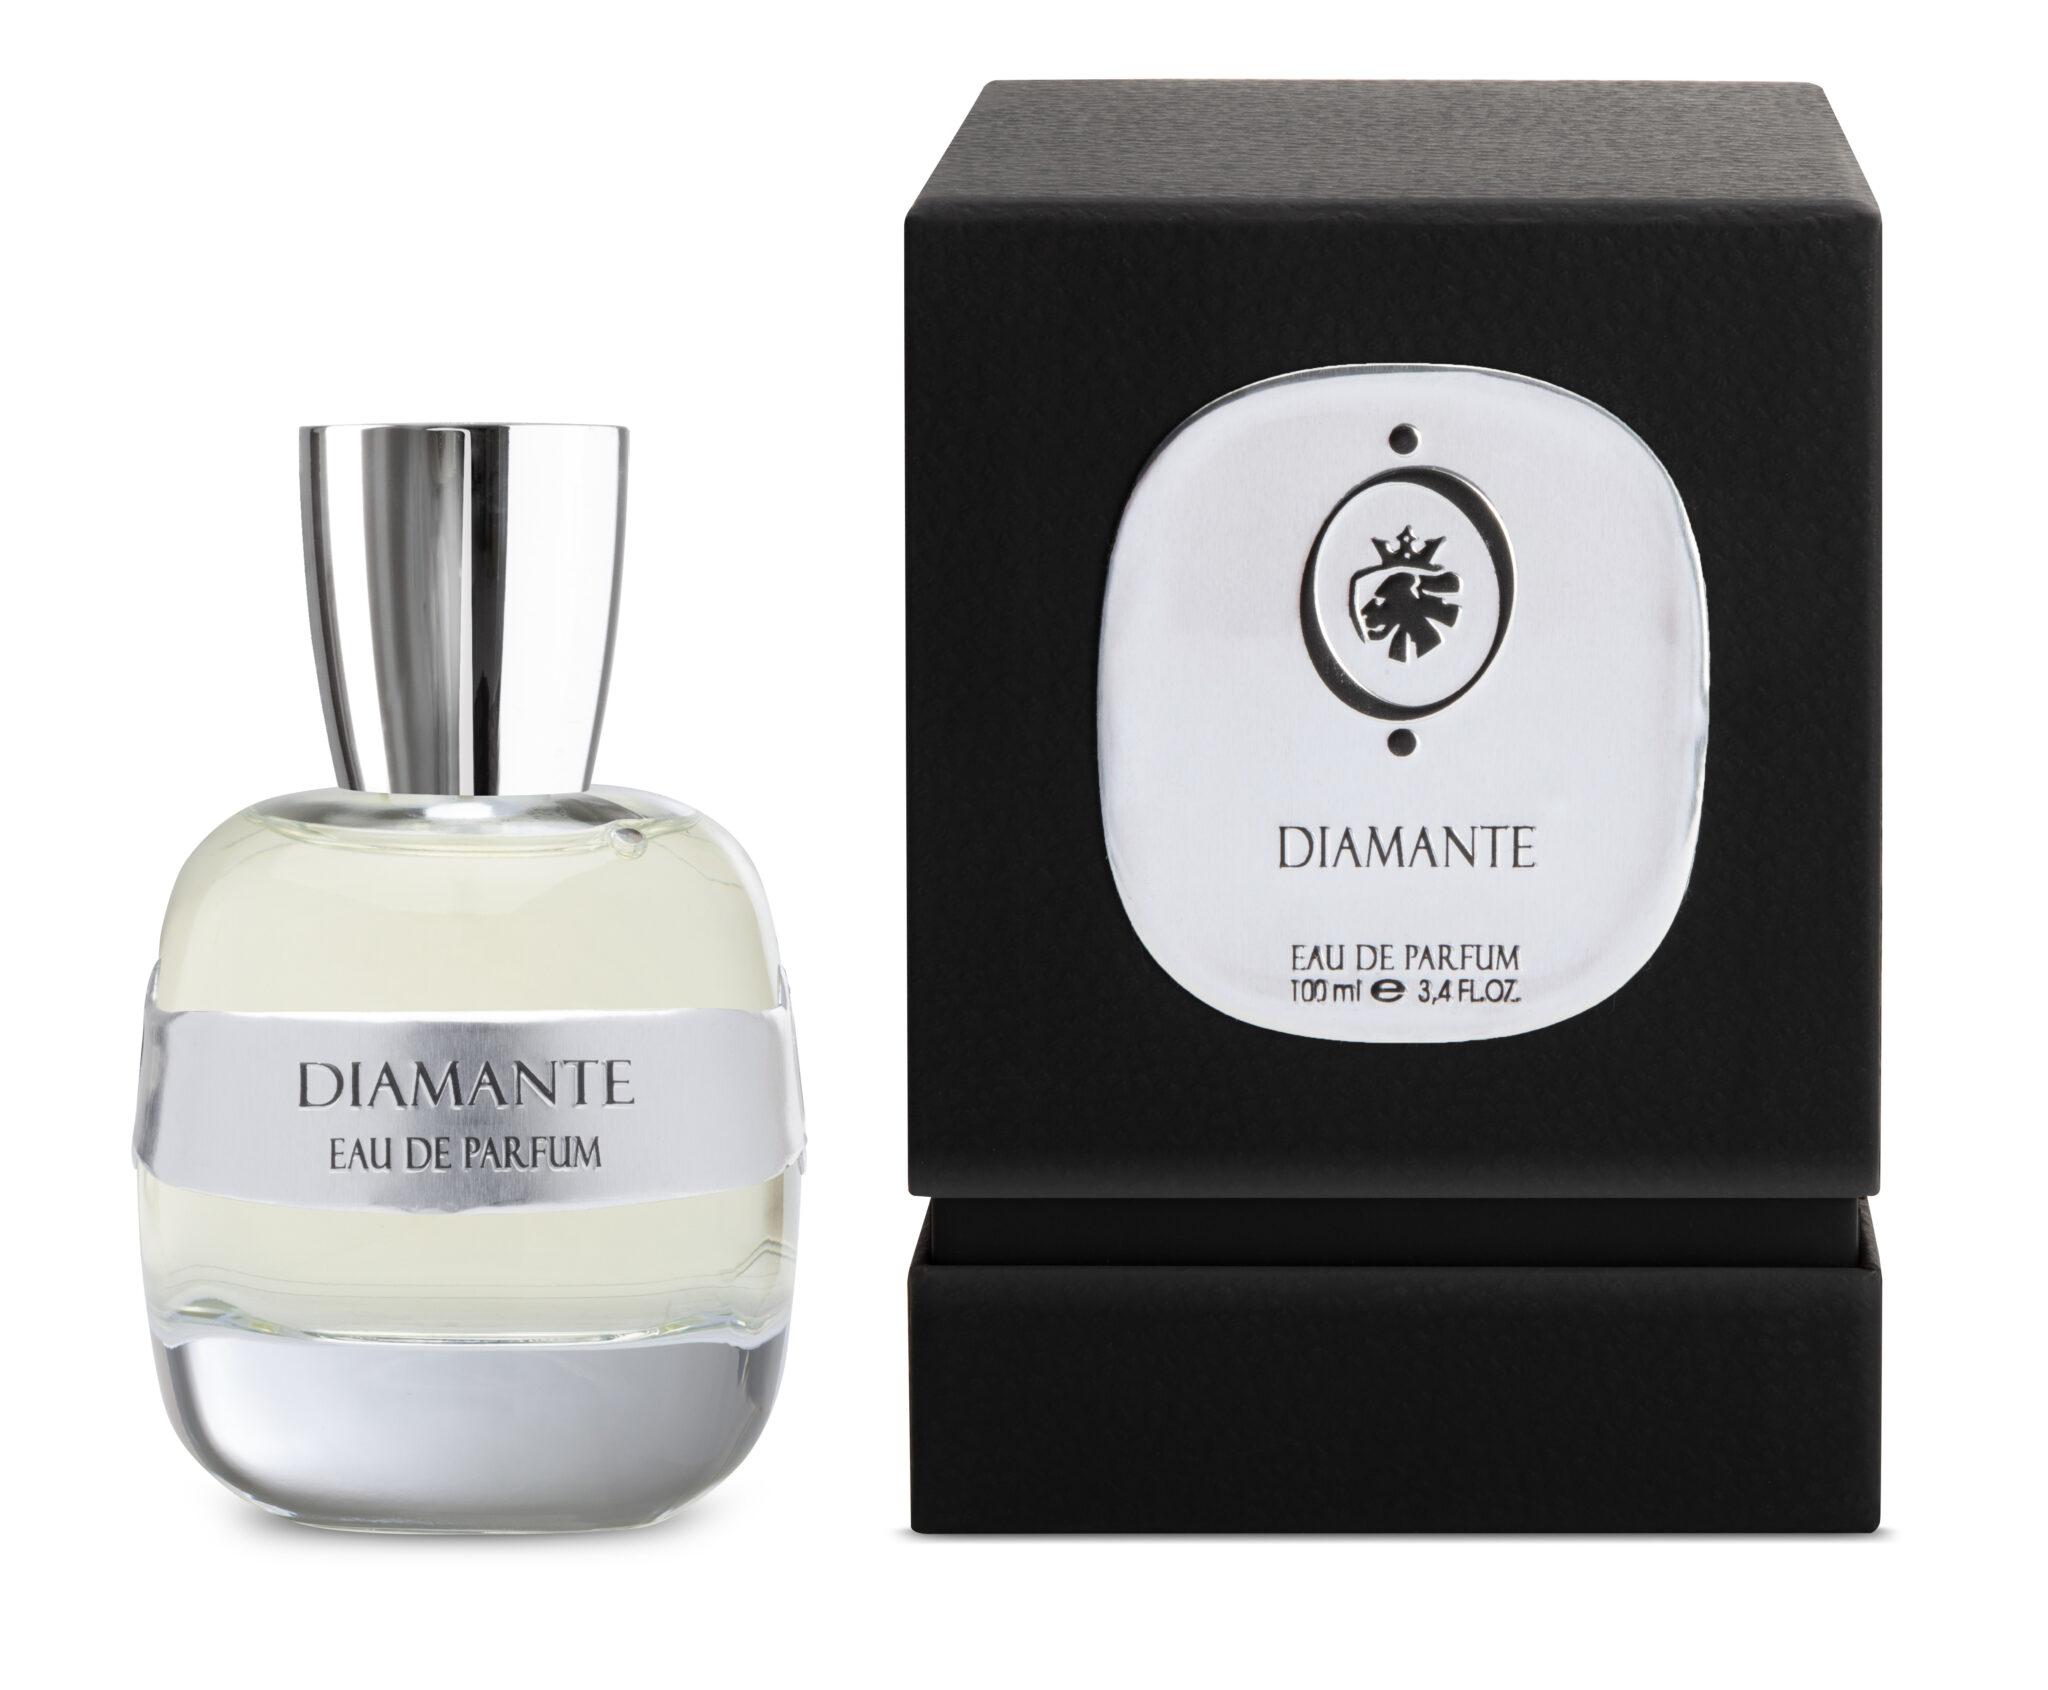 Diamanate